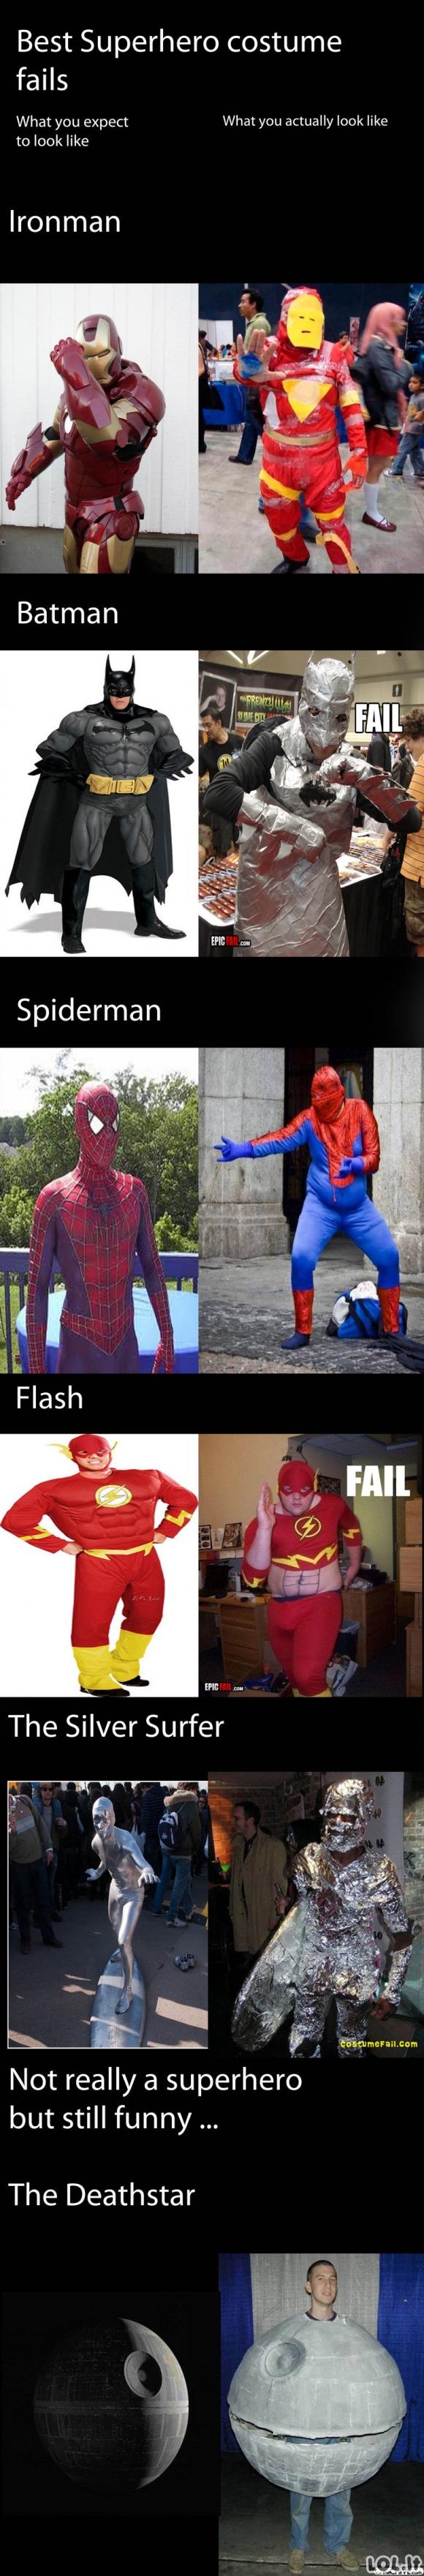 Superherojų kostiumai